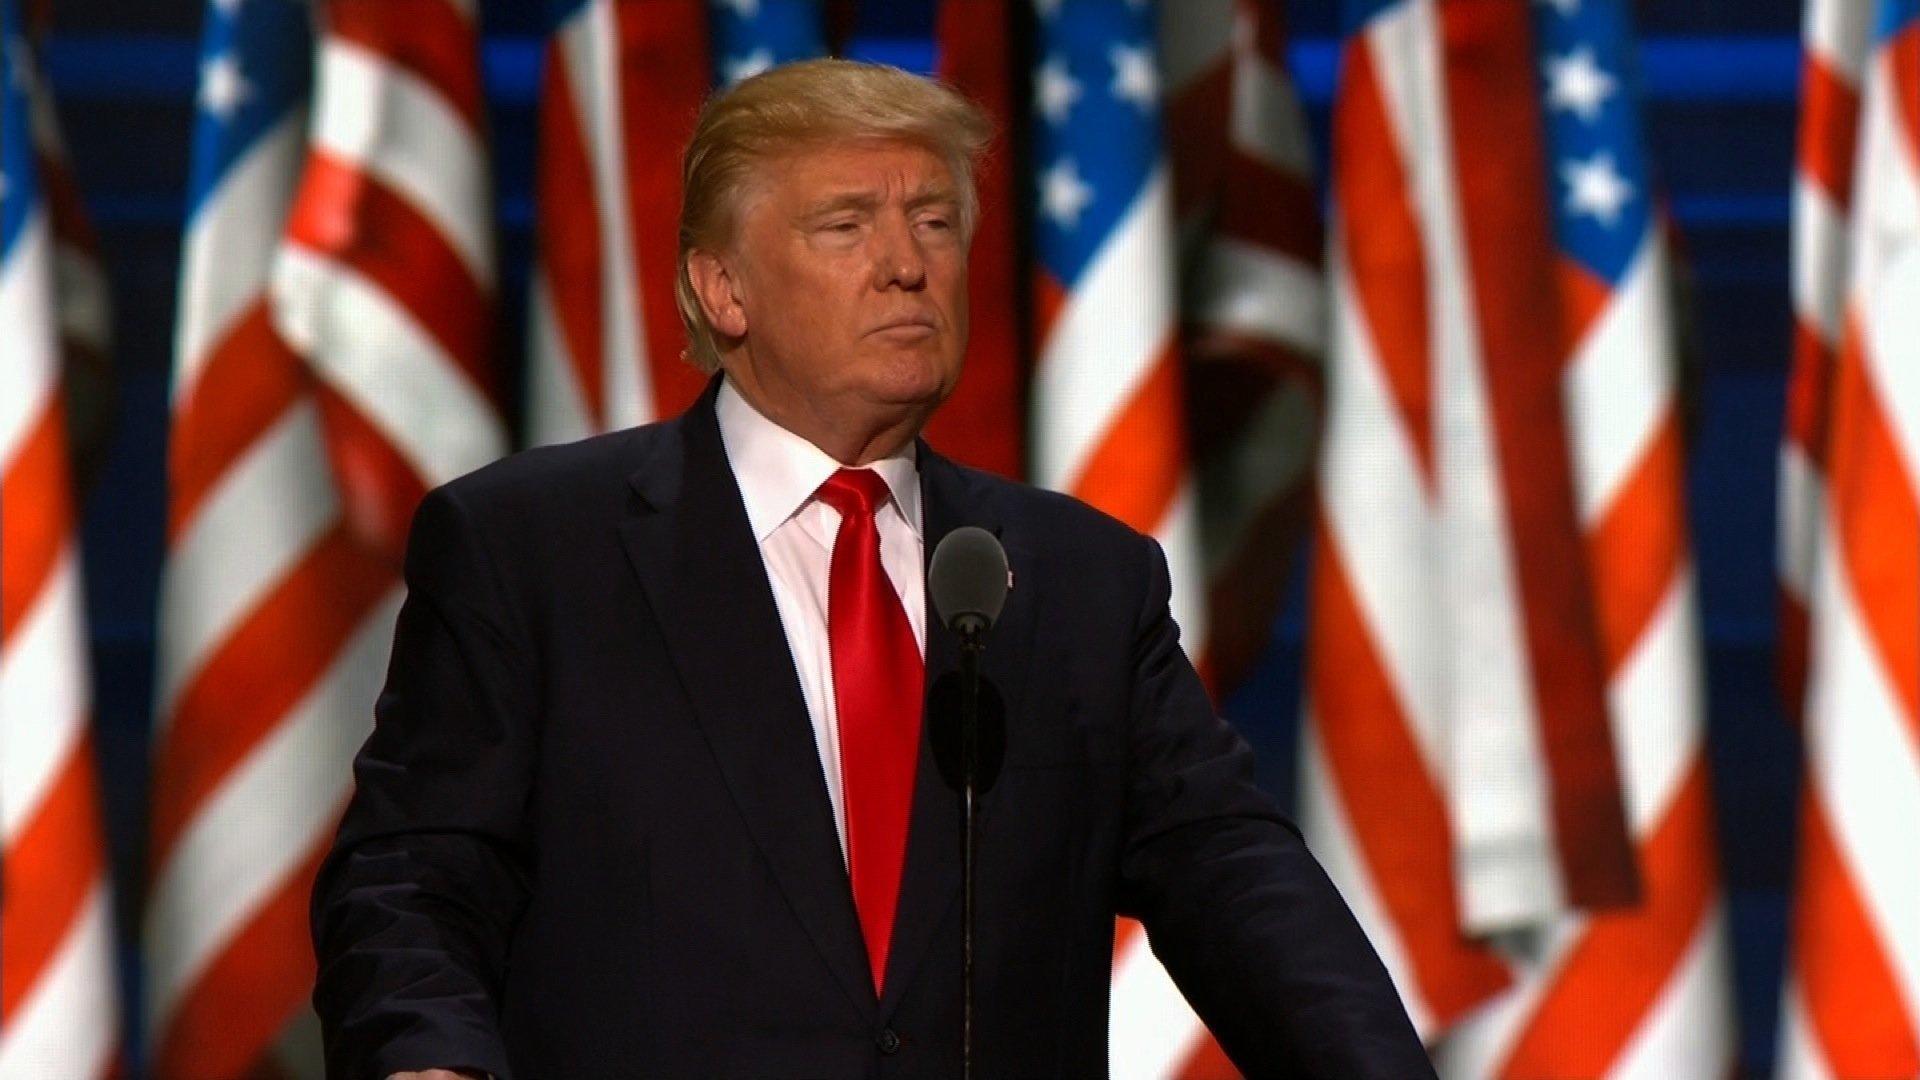 Cnn S Donald Trump Supreme Court Nominee Shortlist Erie